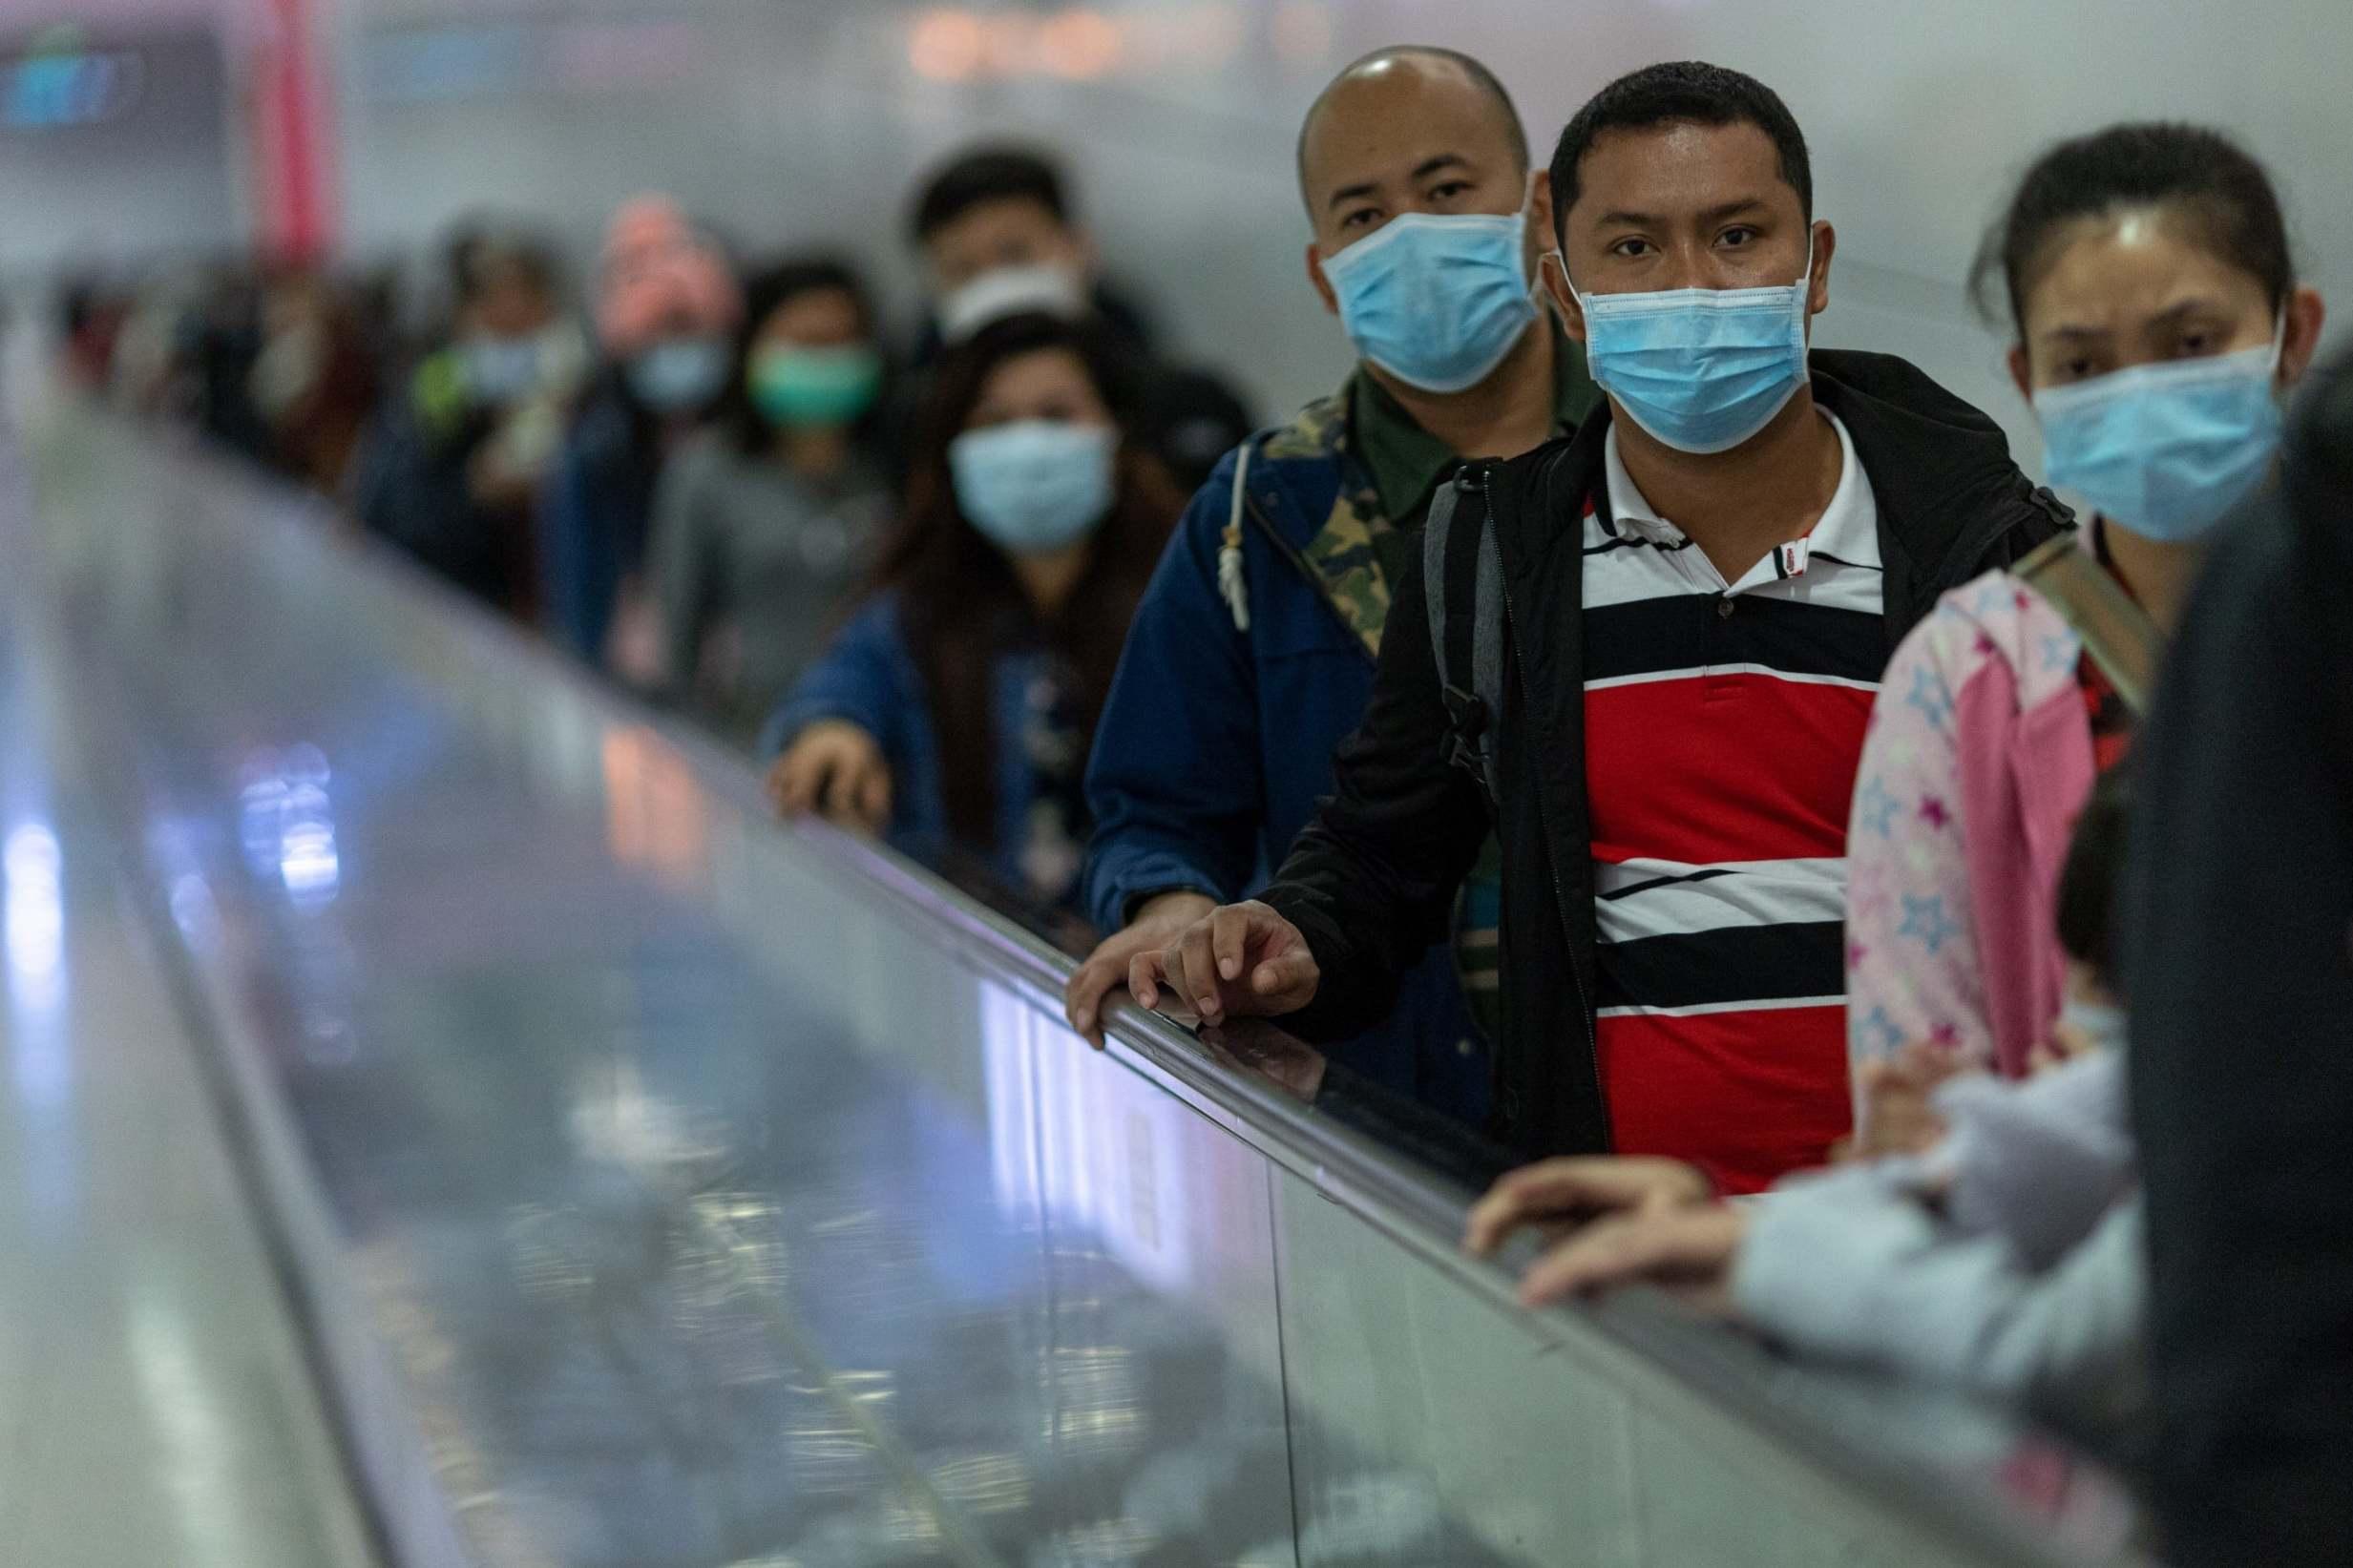 Эпидемия коронавируса в Китае – это лишь репетиция большой войны